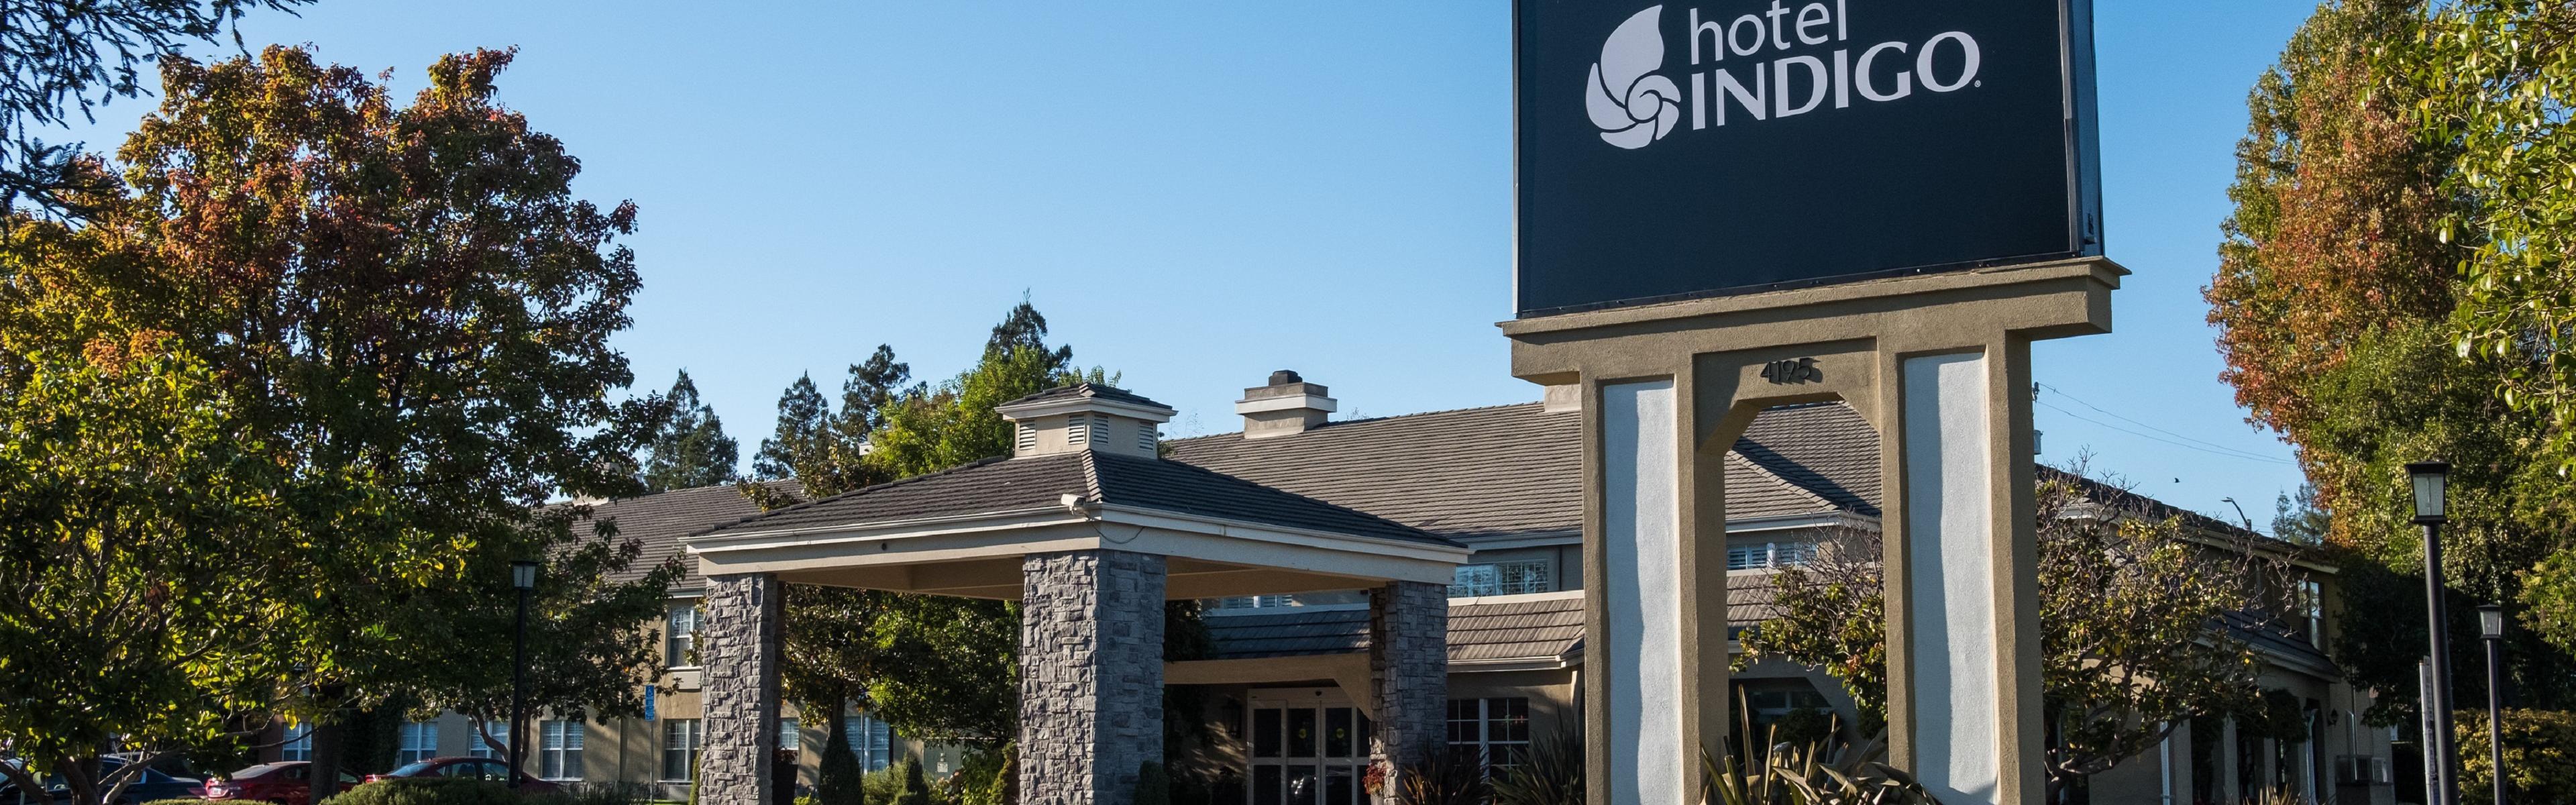 Hotel Indigo Napa Valley image 0